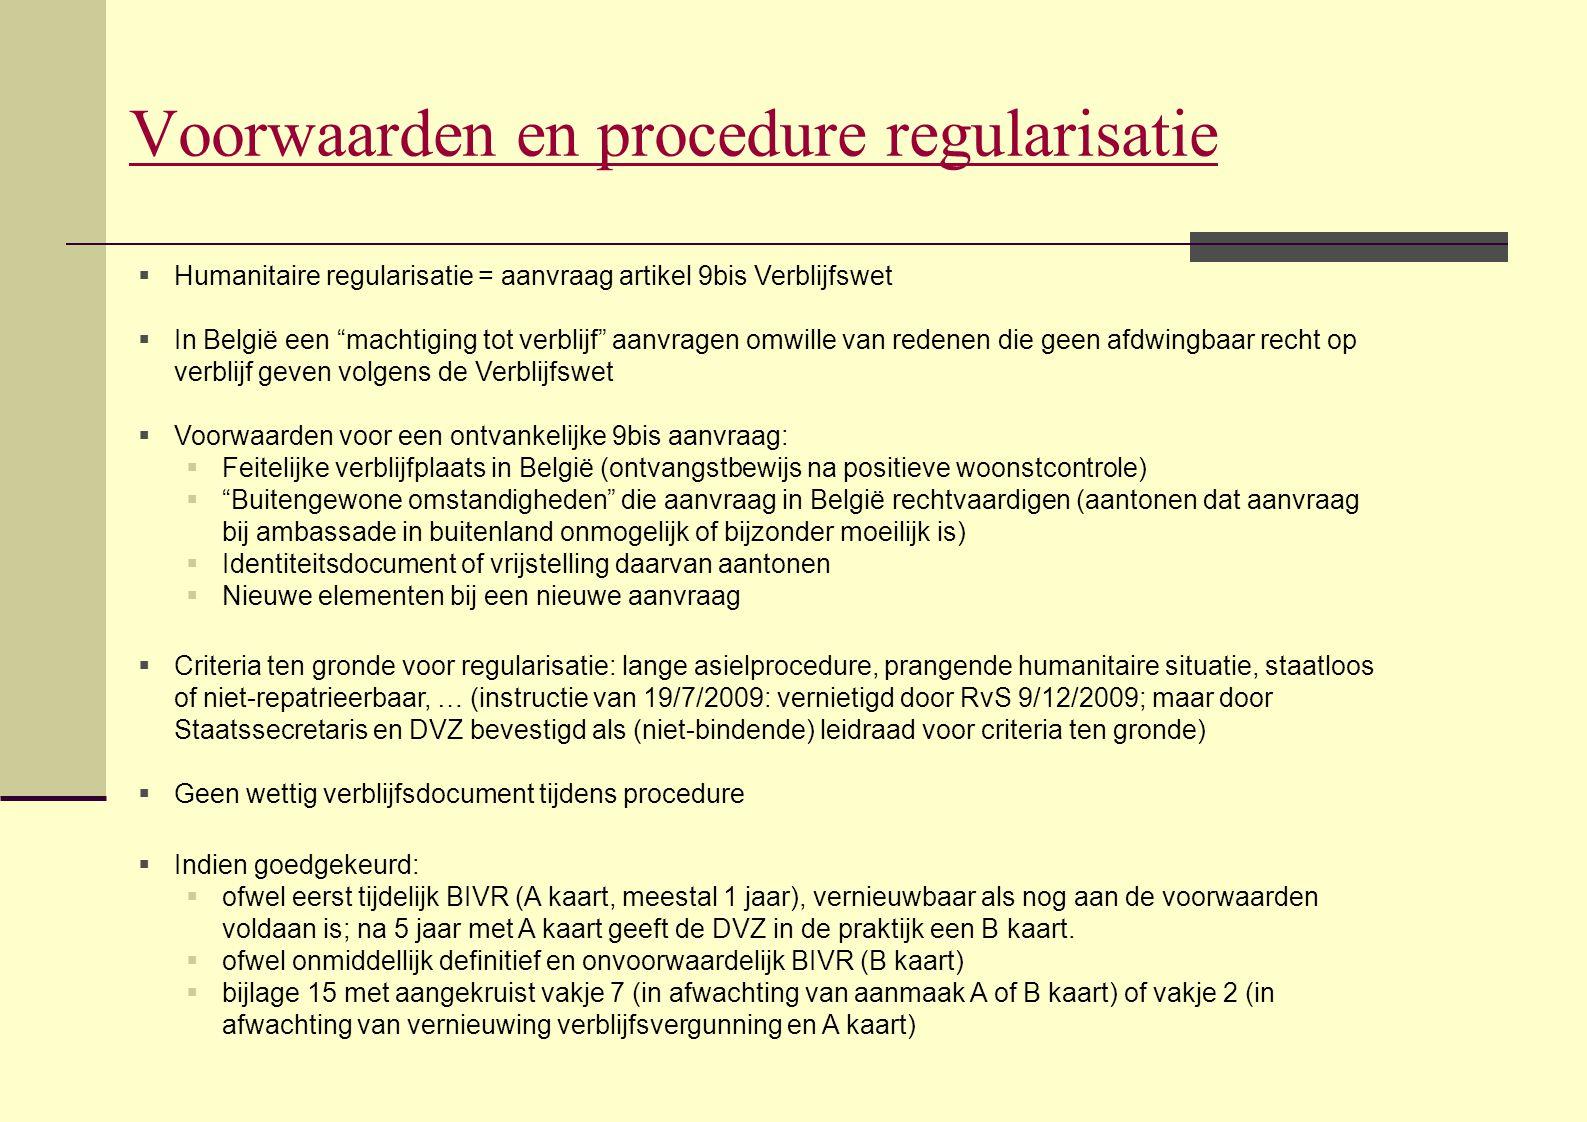 Voorwaarden en procedure regularisatie